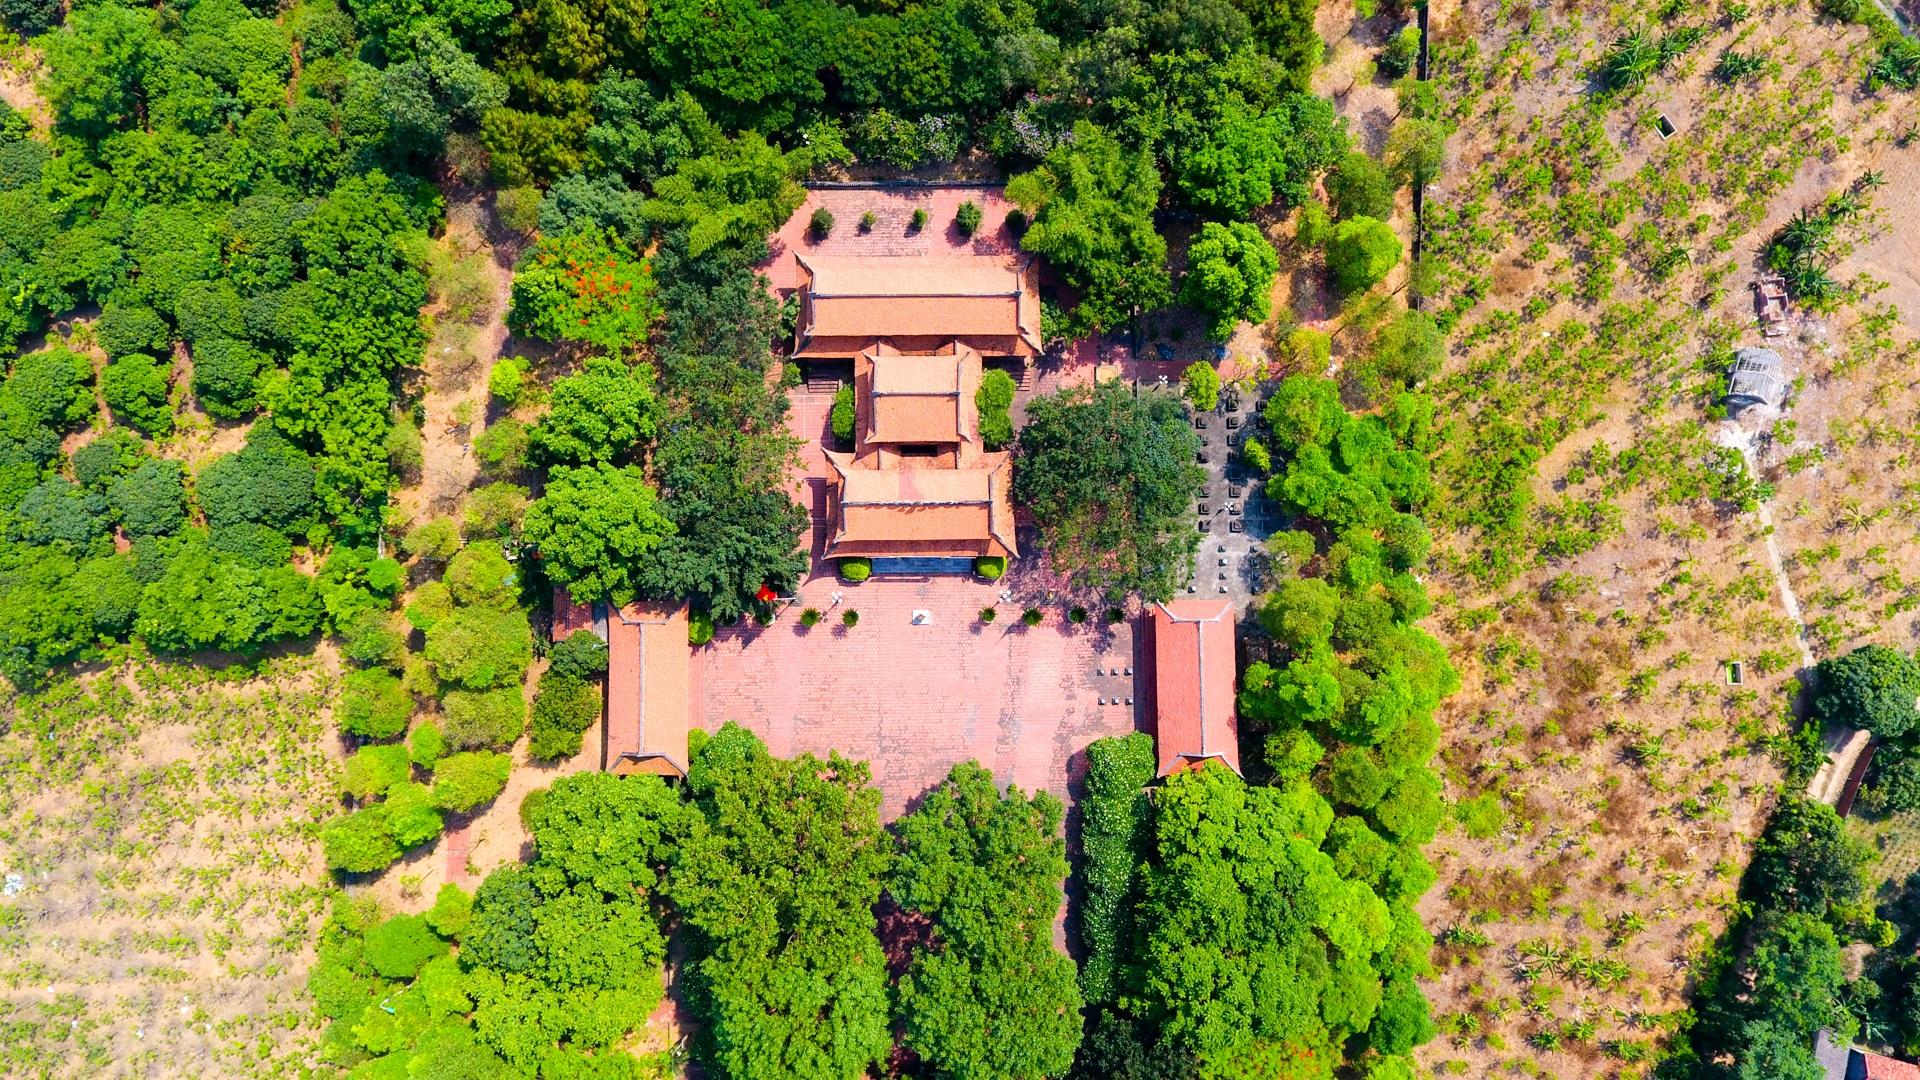 Chiêm ngưỡng ngôi đền 600 năm tuổi thờ 8 vị vua triều Trần - 5